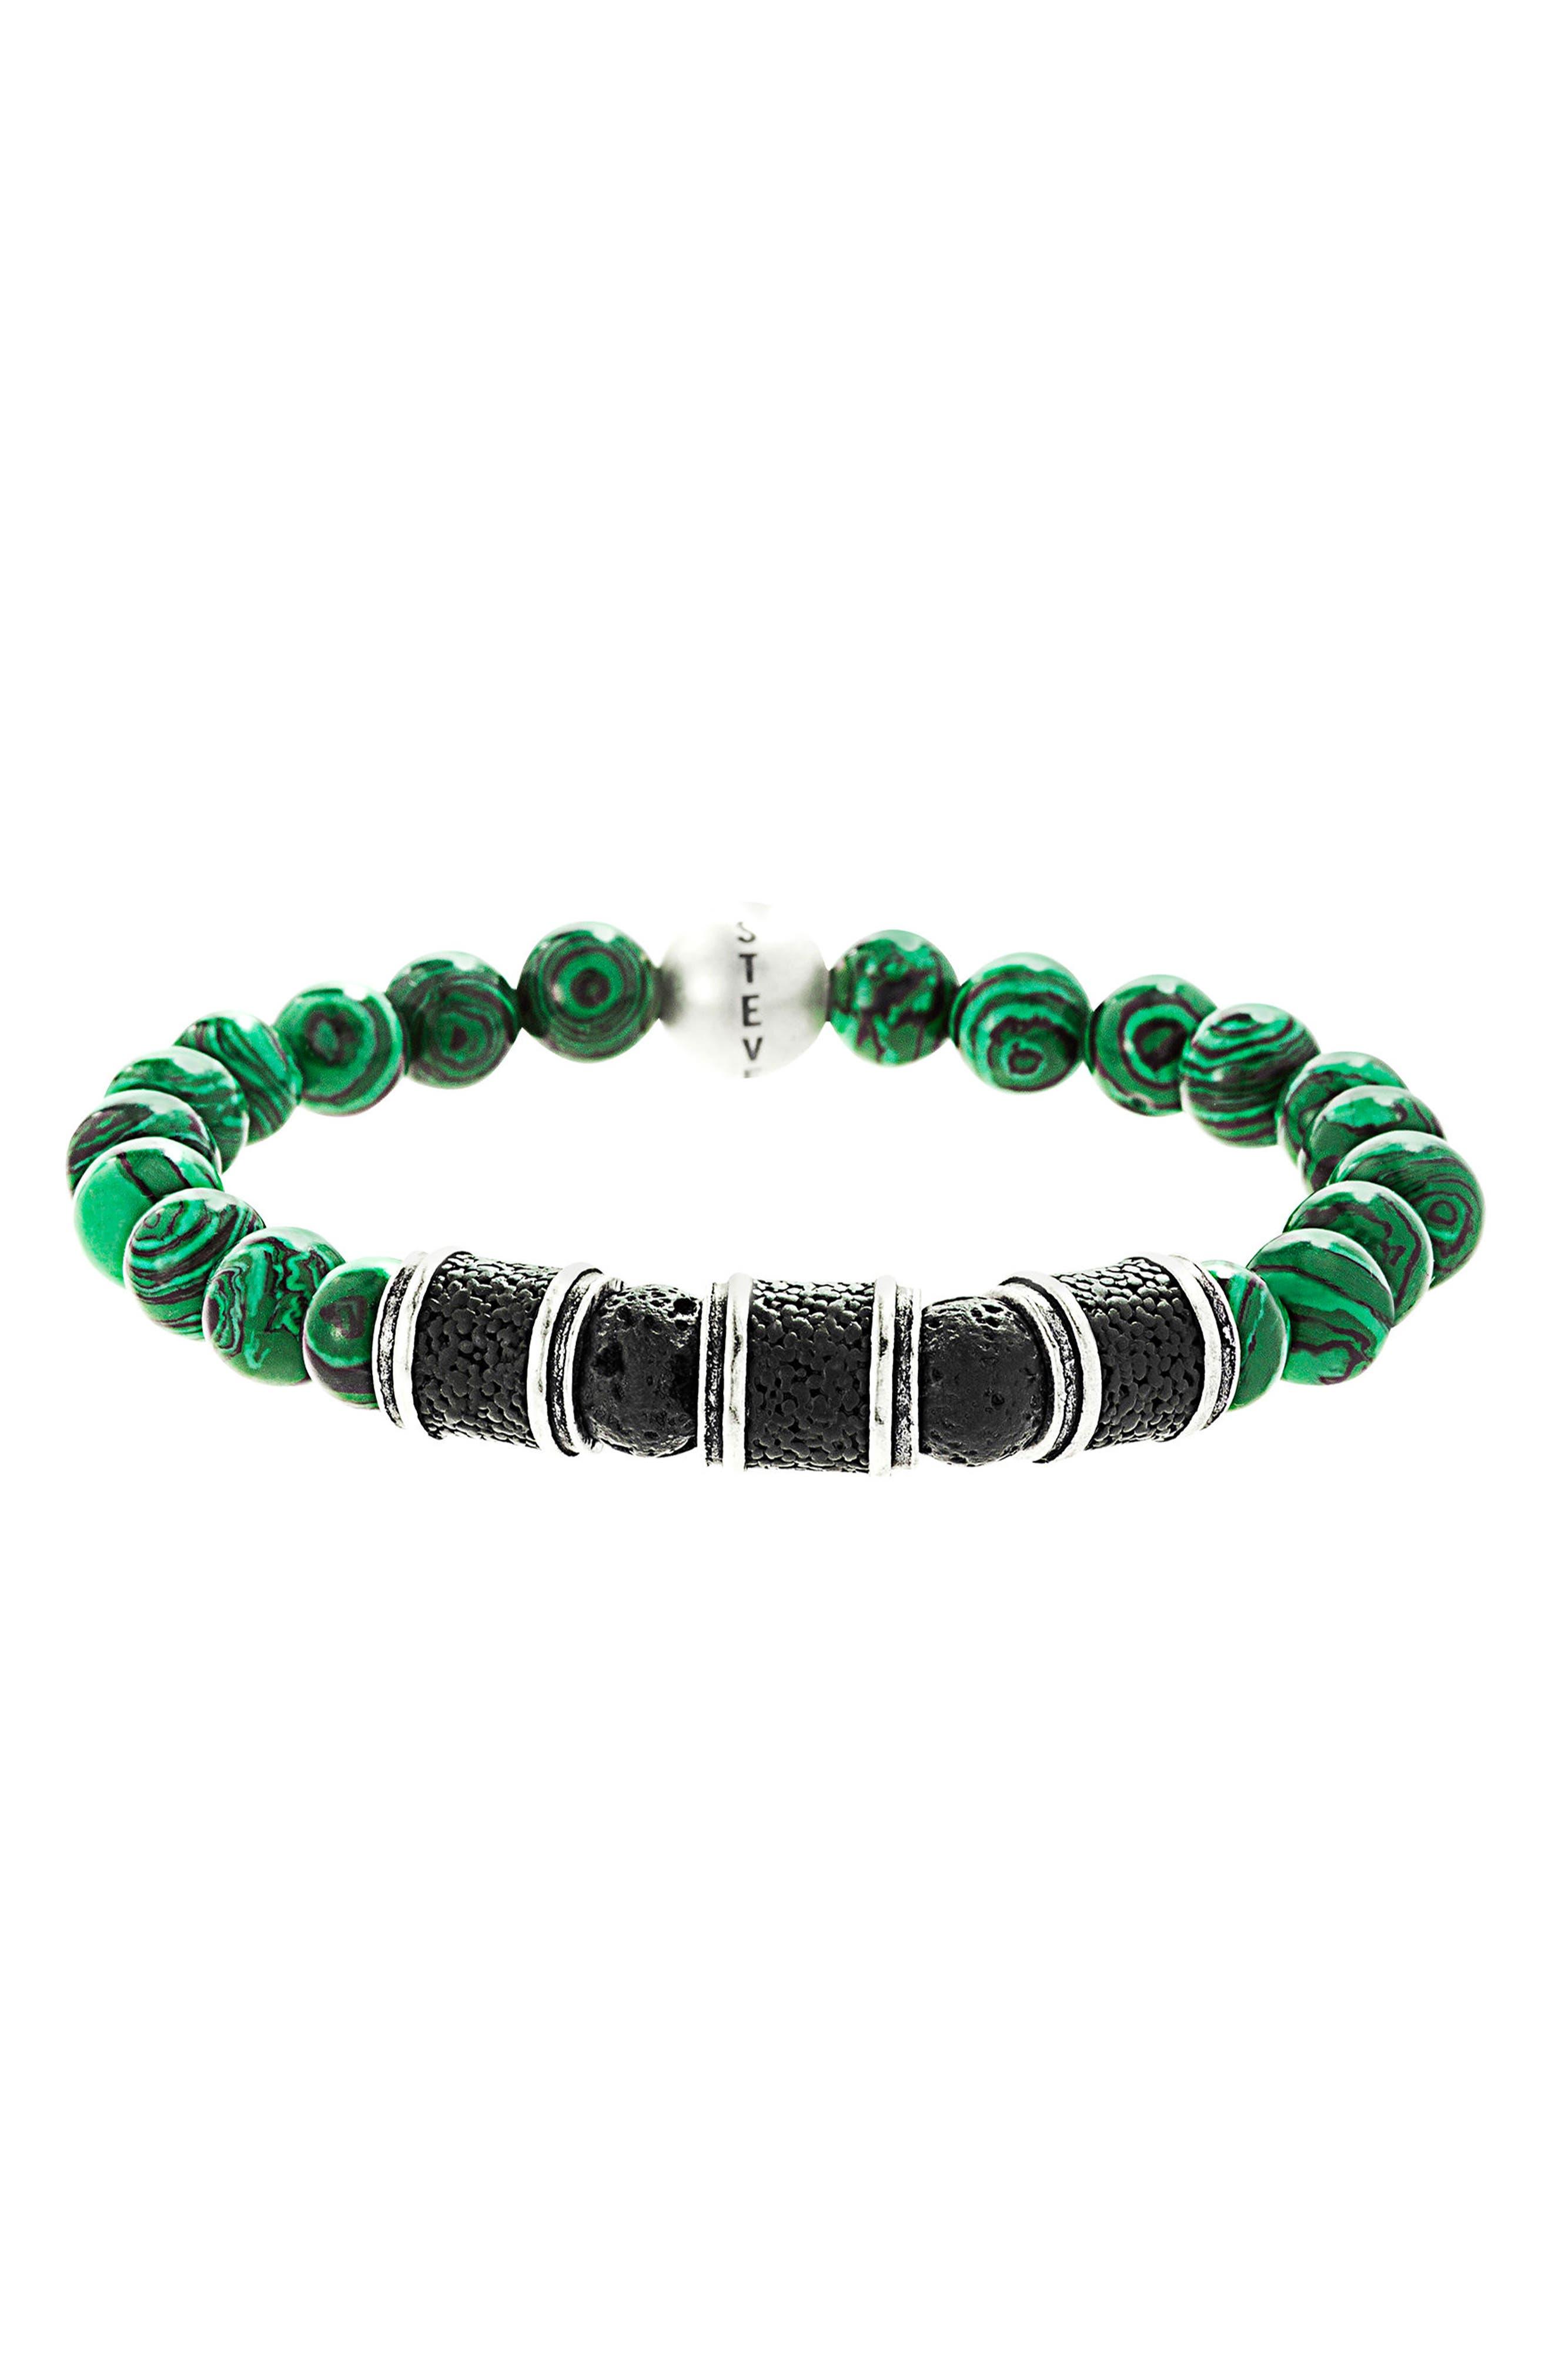 Malachite Bead Bracelet,                             Main thumbnail 1, color,                             300